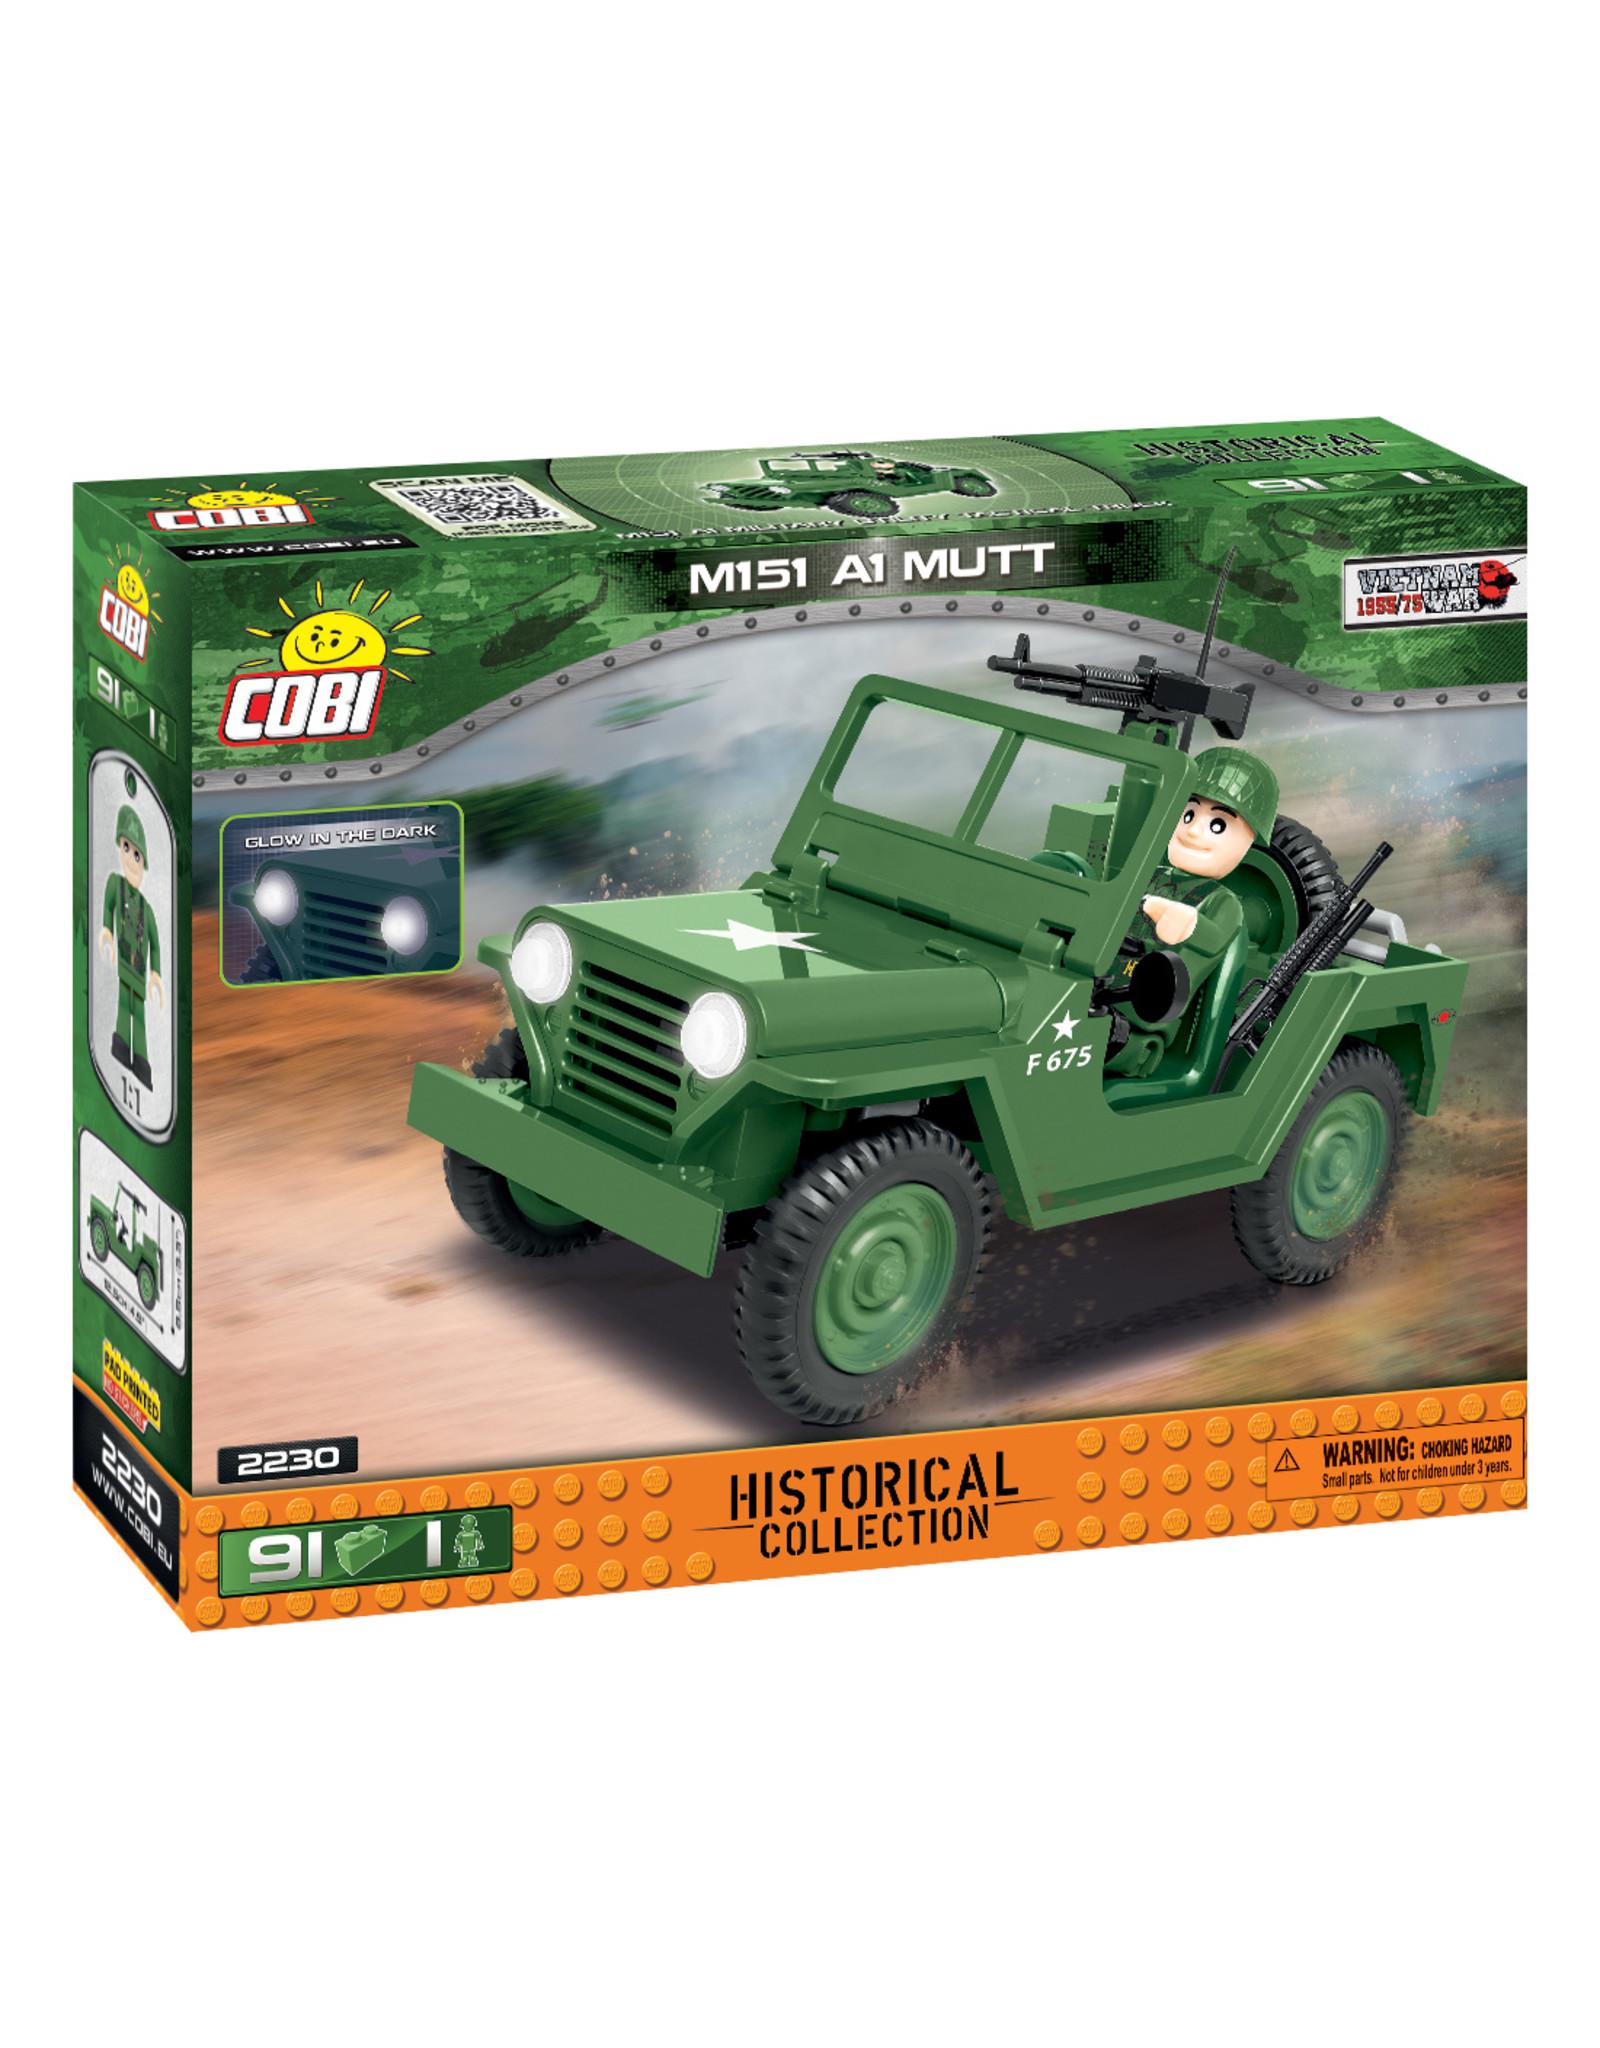 COBI COBI 2230 M151 A1 Mutt